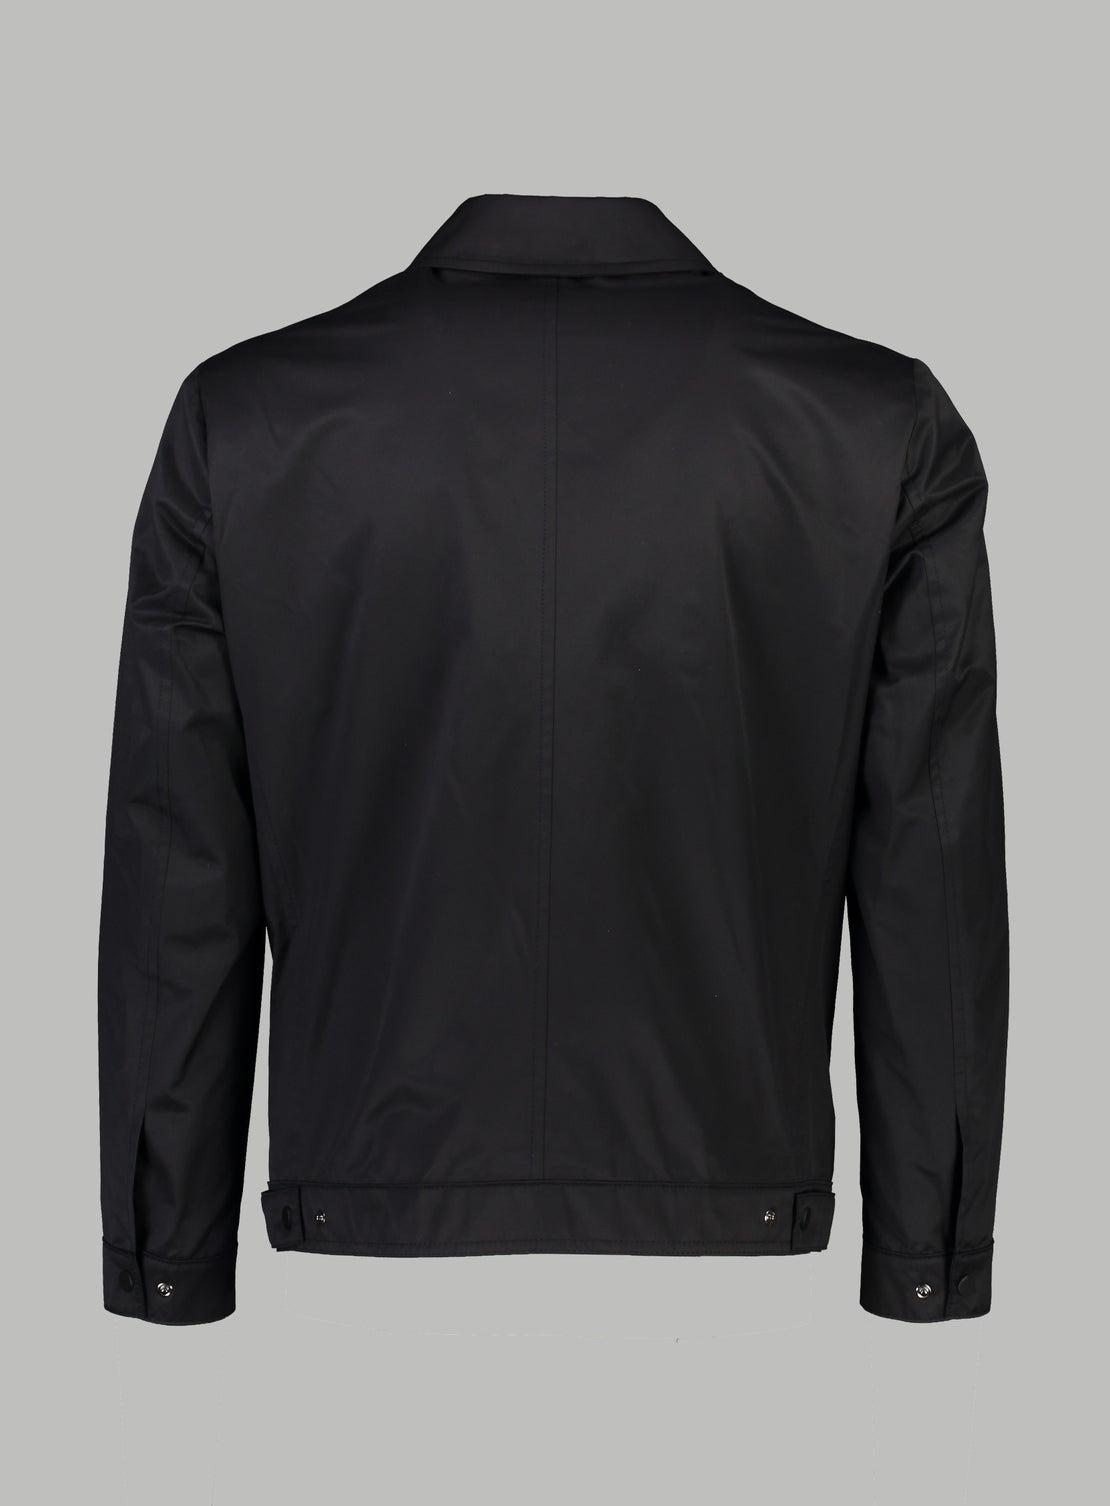 Roy Bomber Jacket